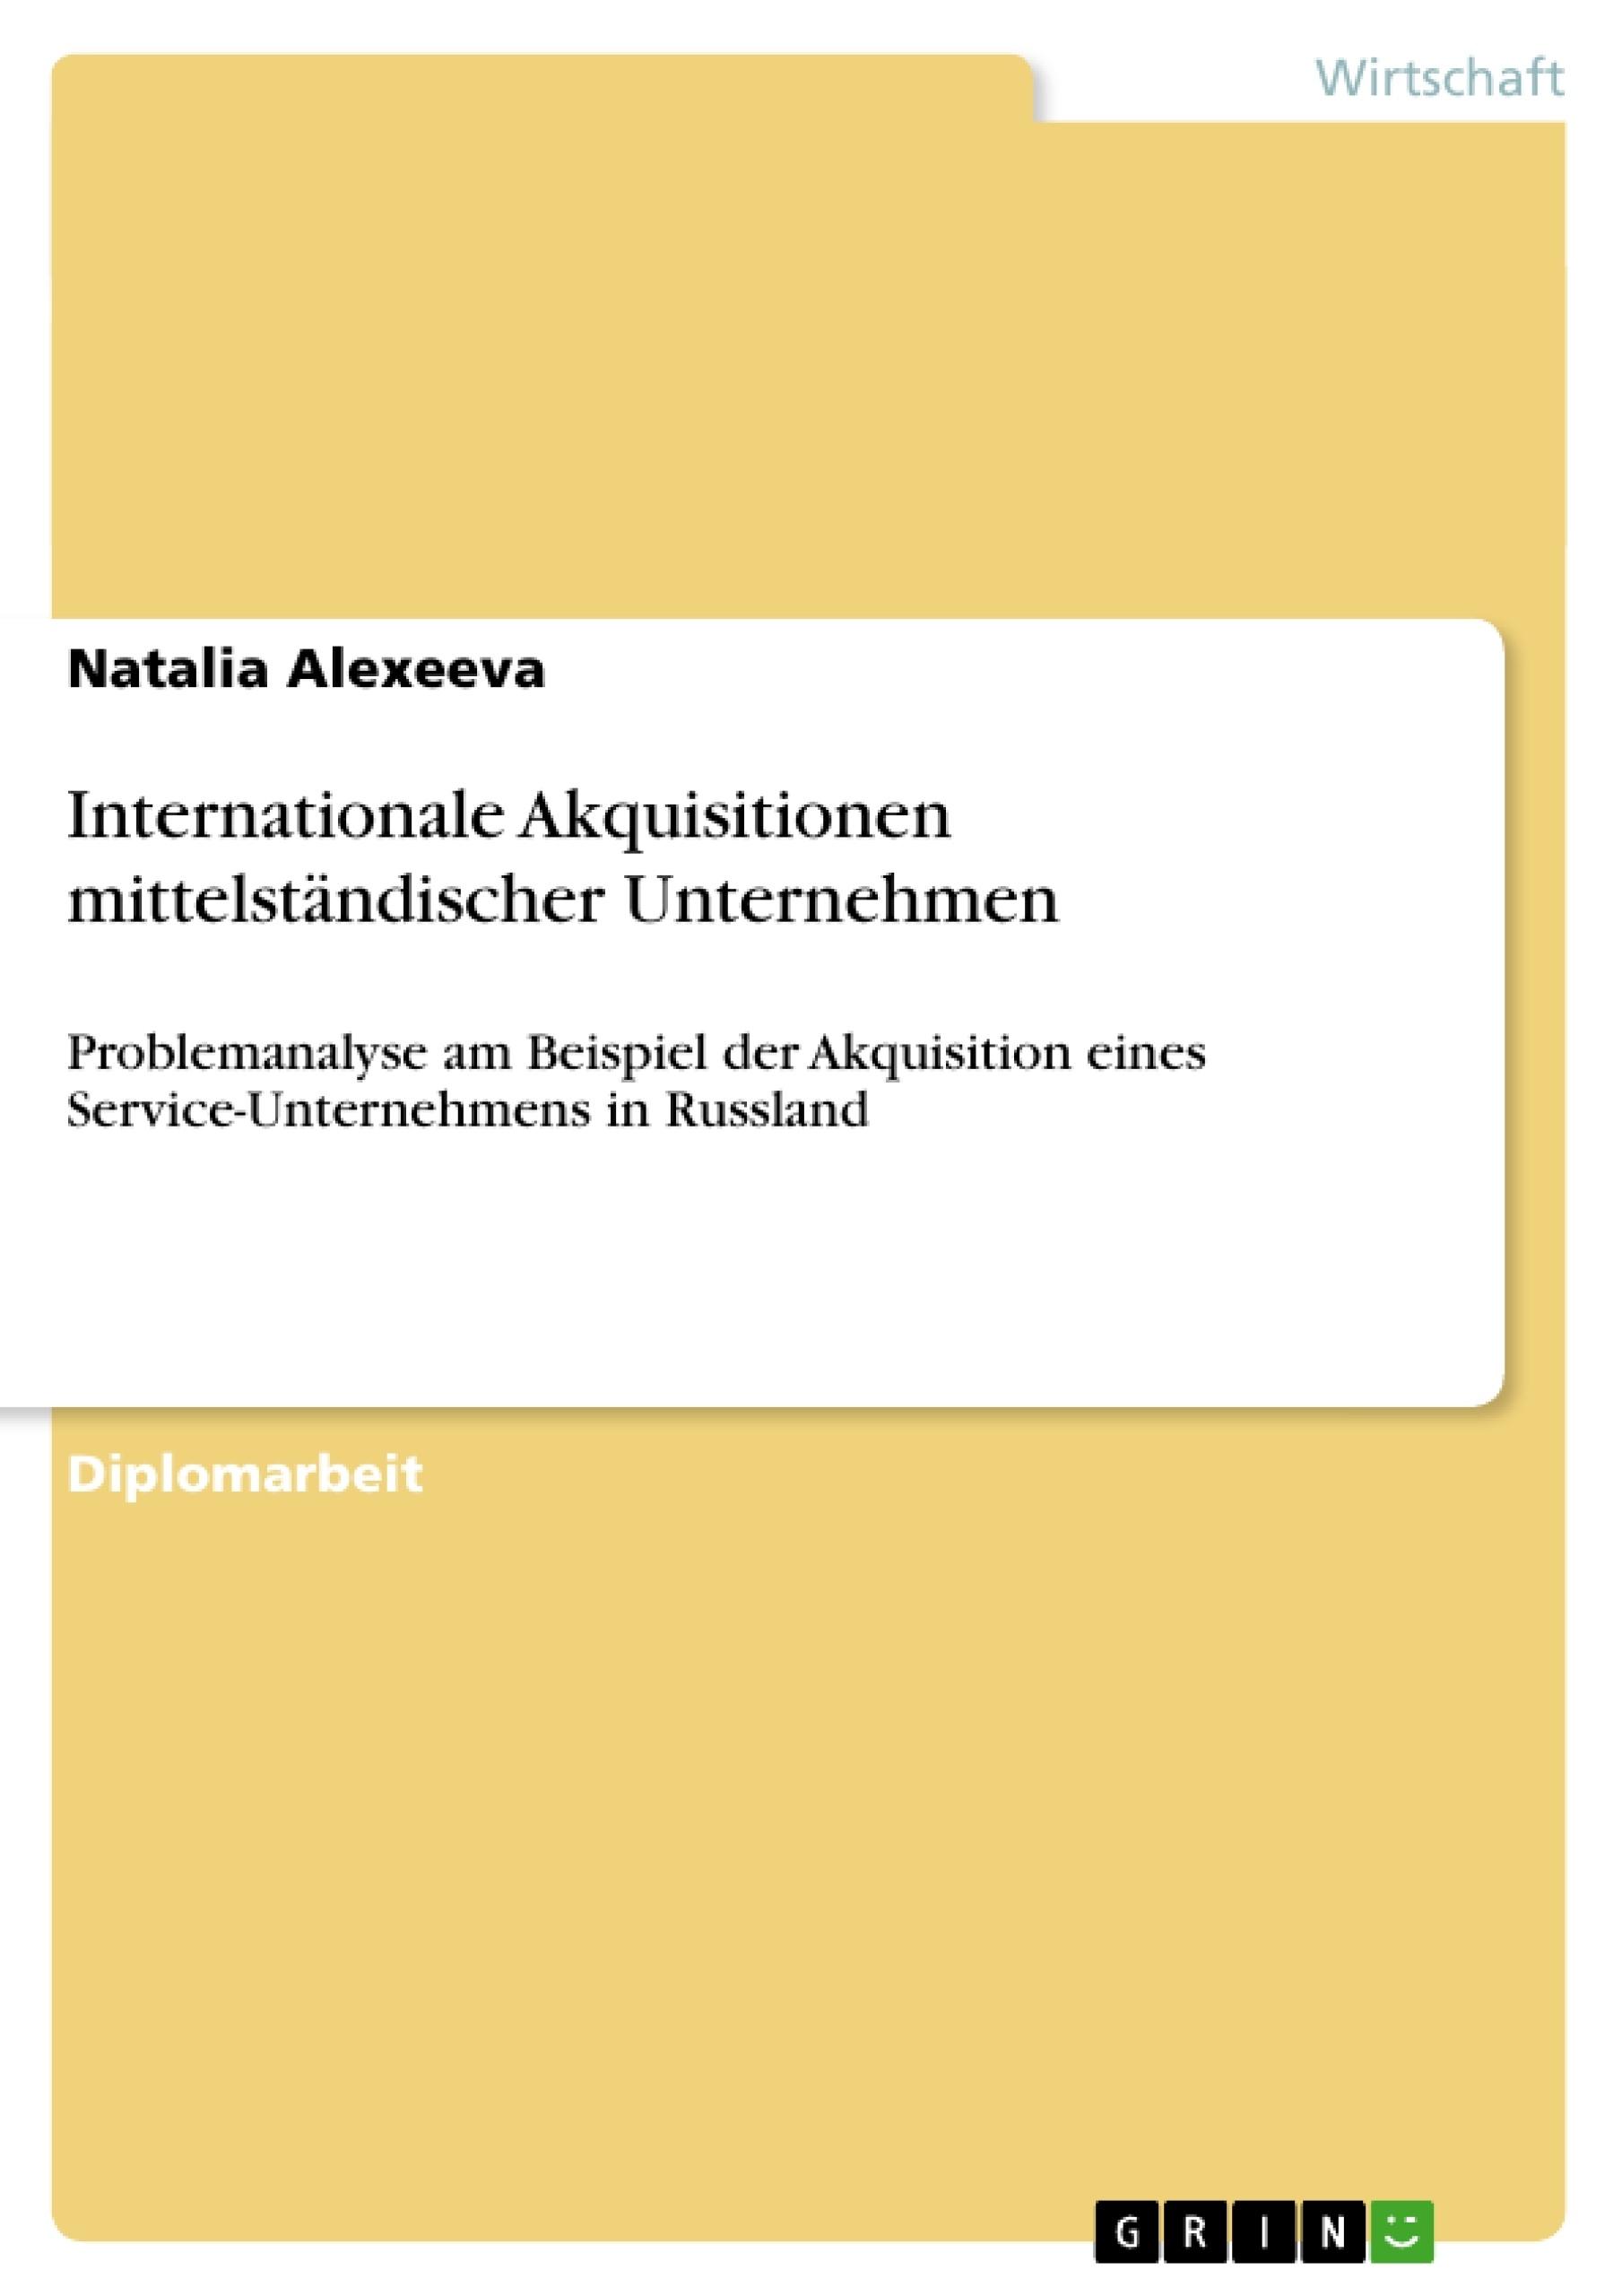 Titel: Internationale Akquisitionen mittelständischer Unternehmen